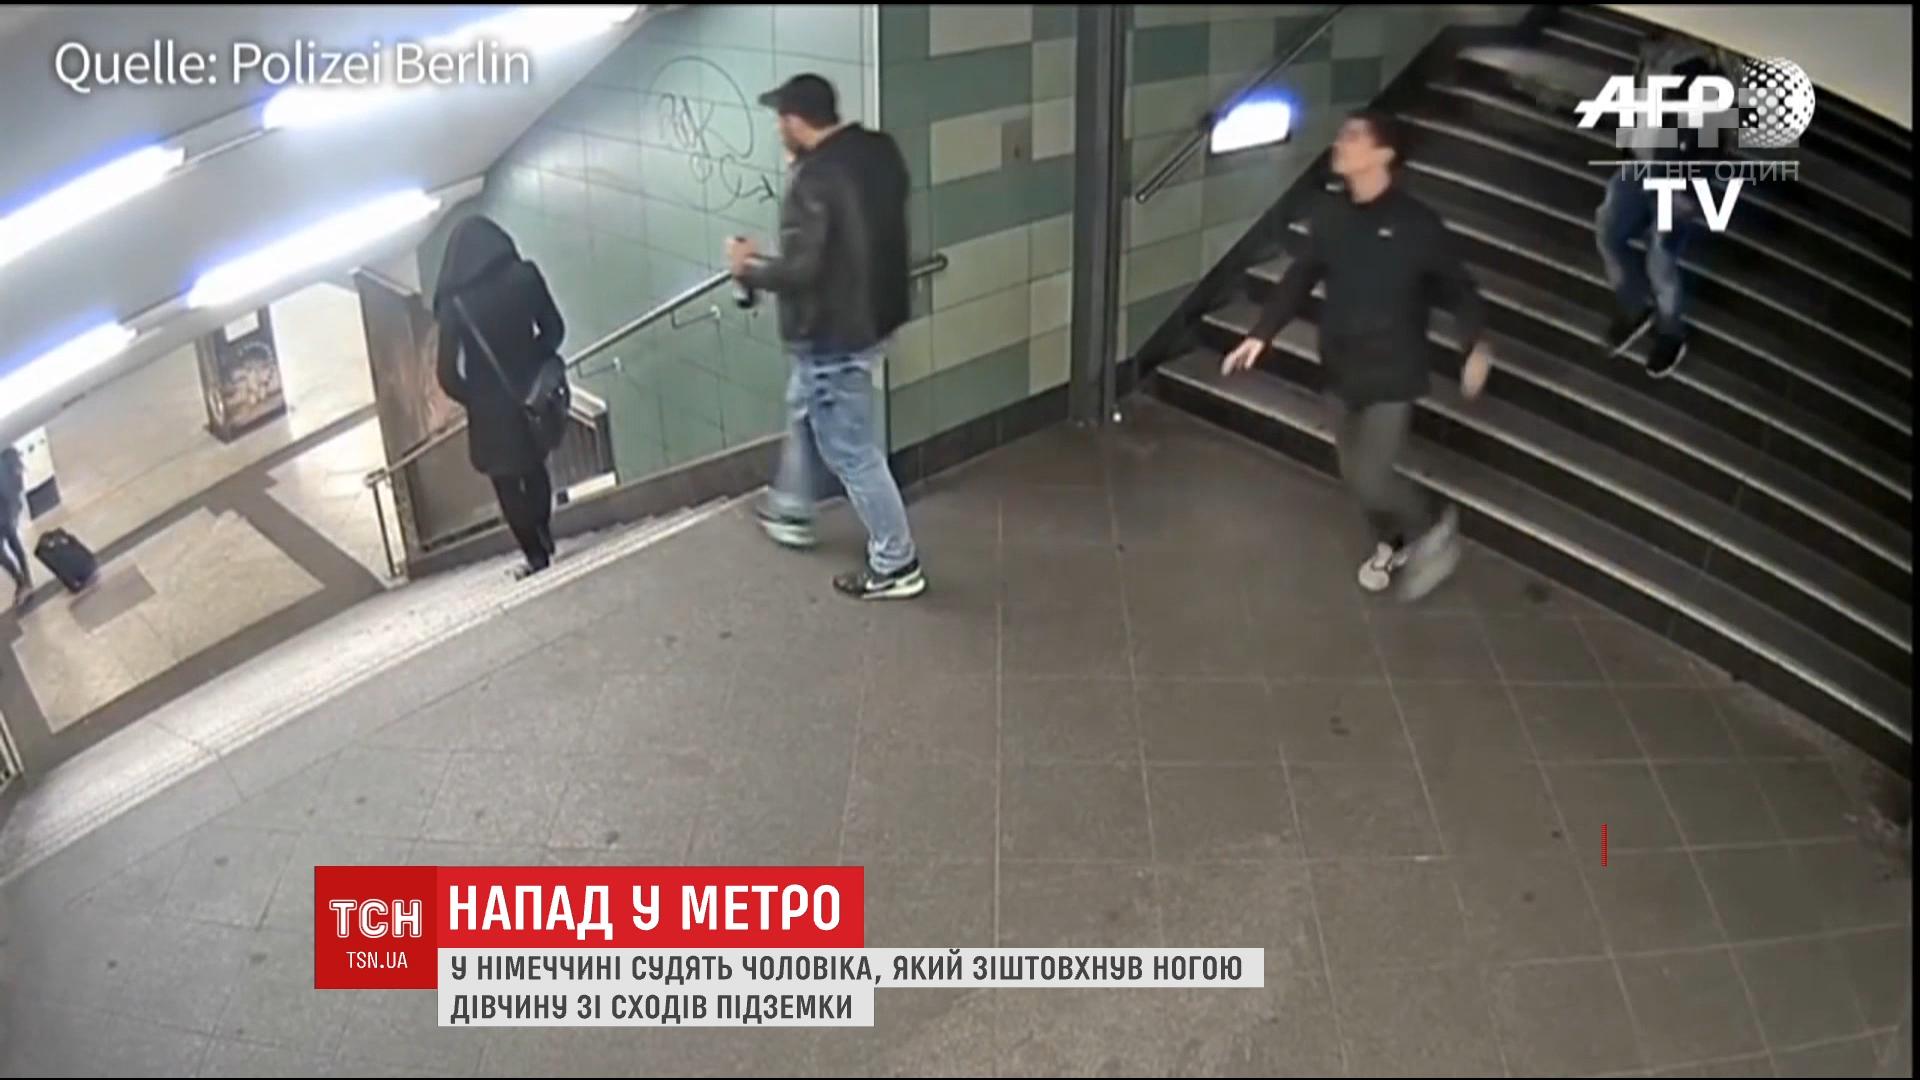 Полиция задержала участника шокирующего нападения надевушку вметро Берлина